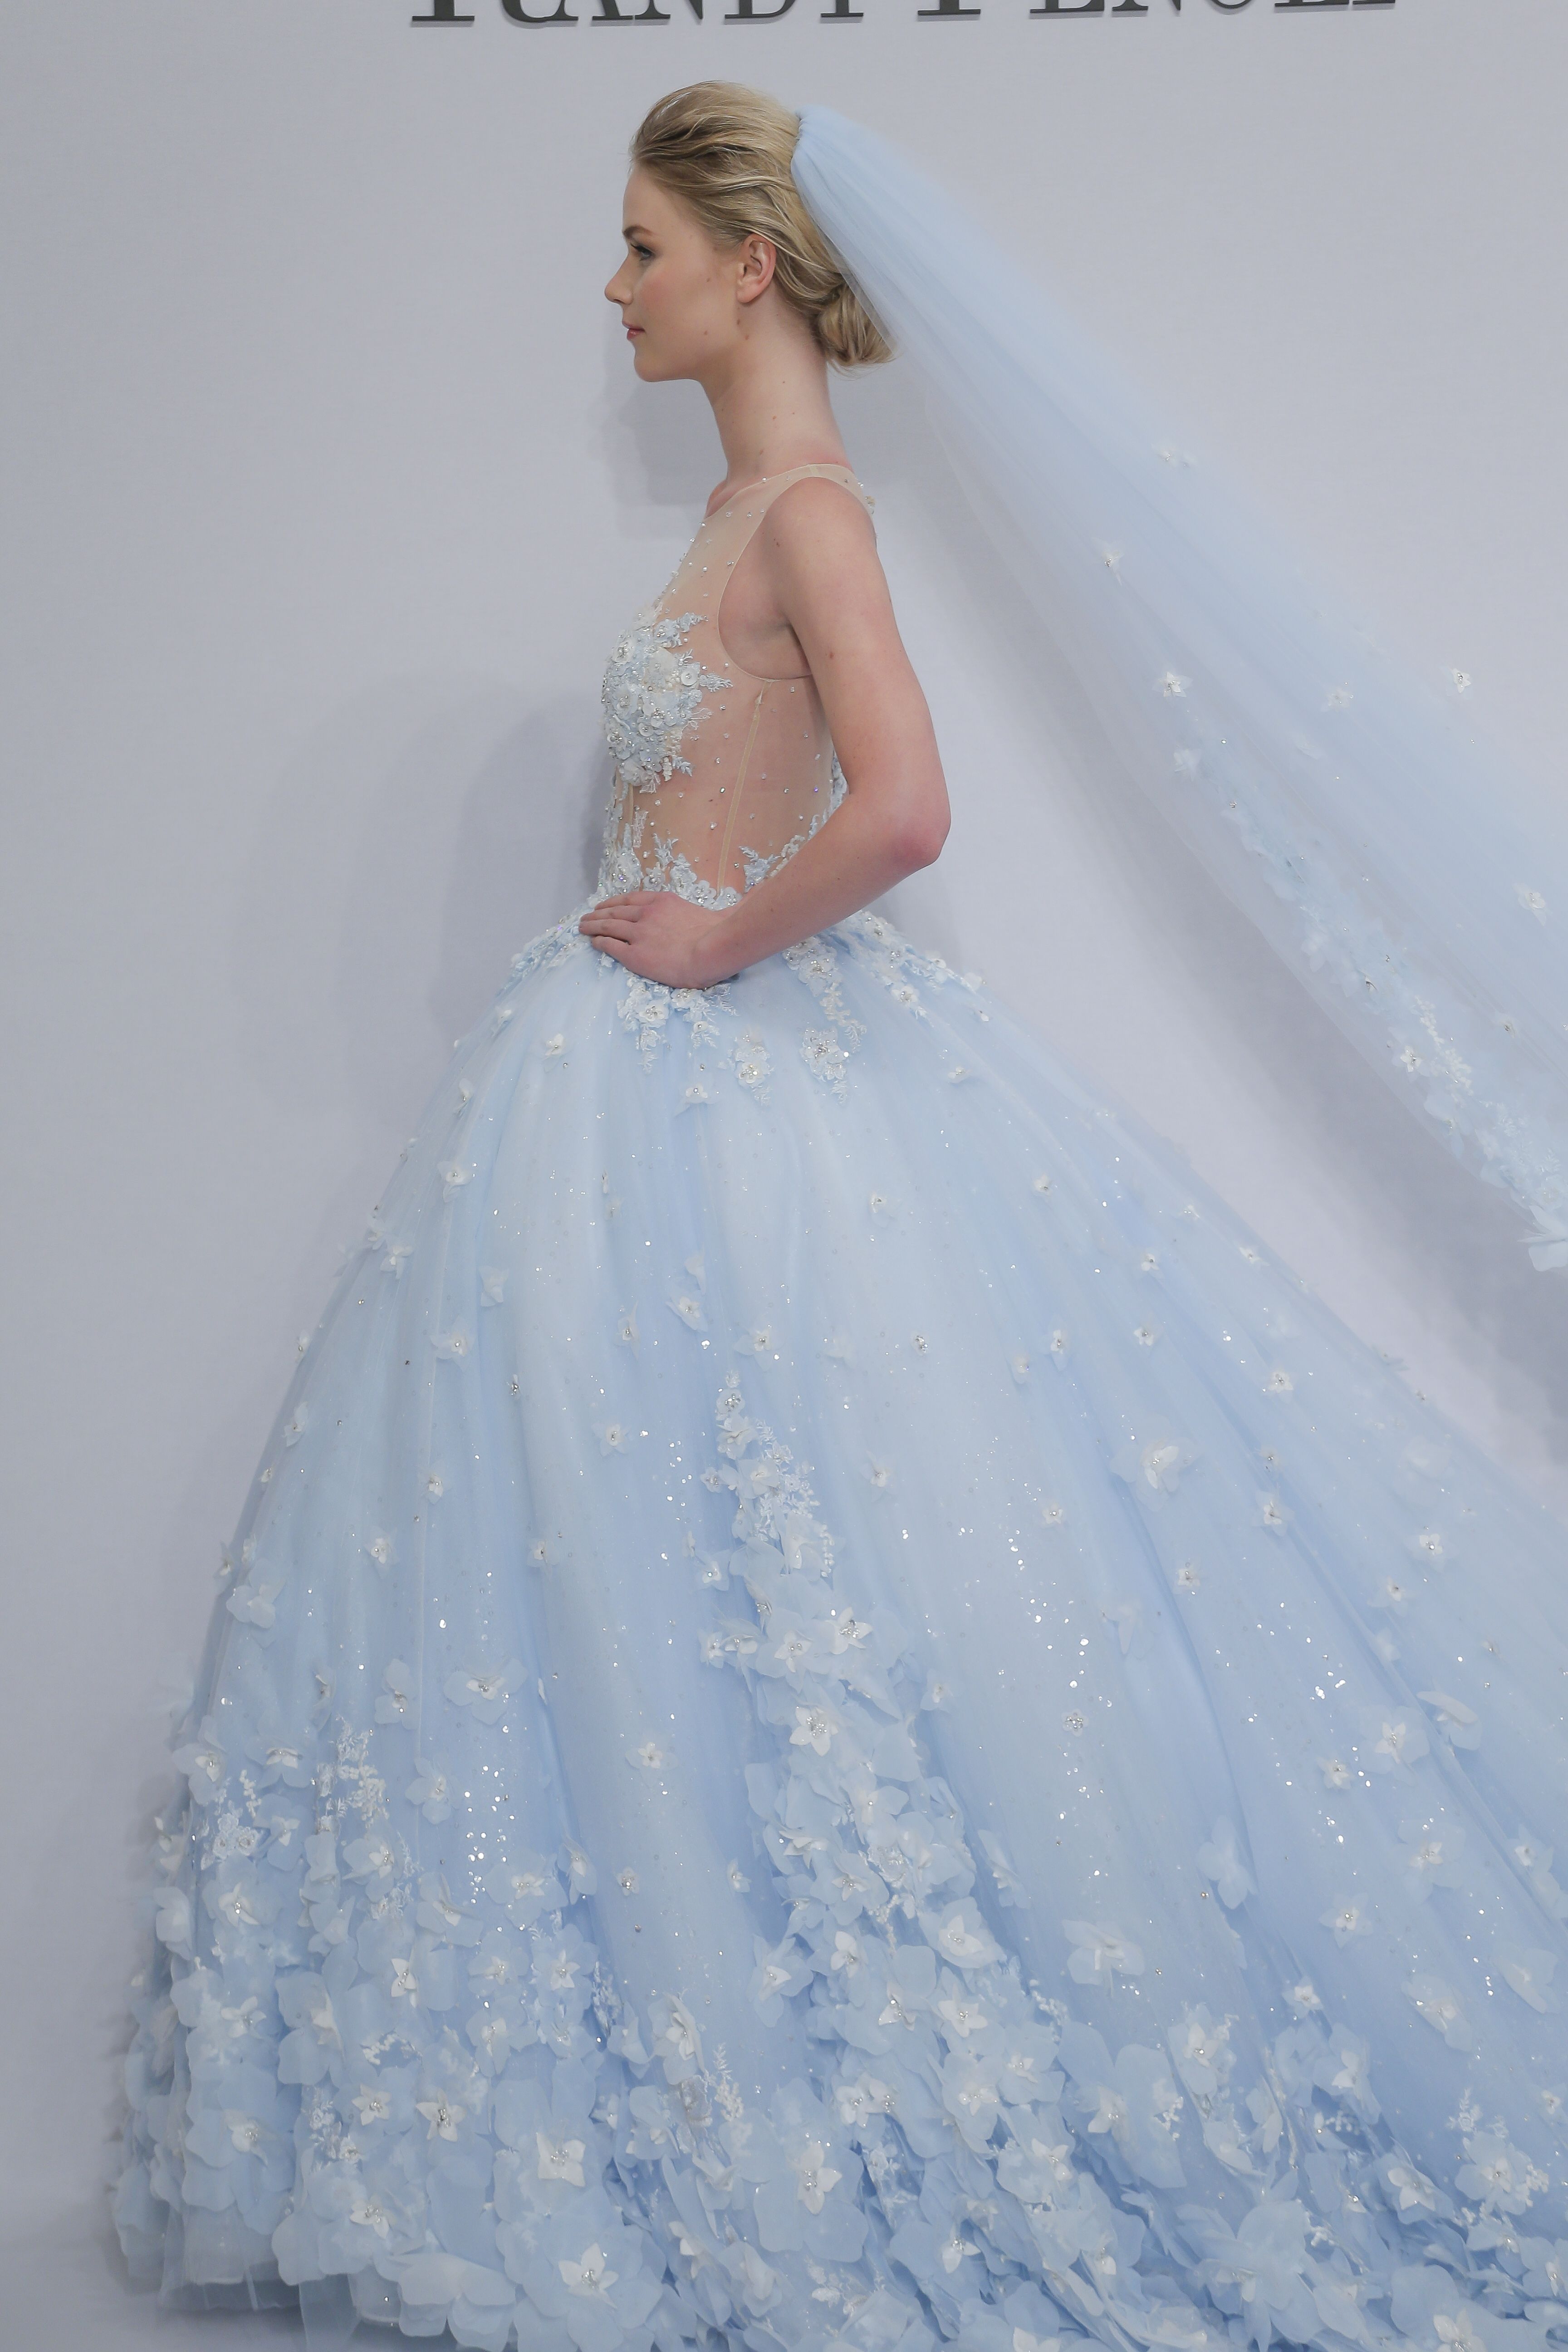 Randy Fenoli Bridal Collection Vestido de casamento